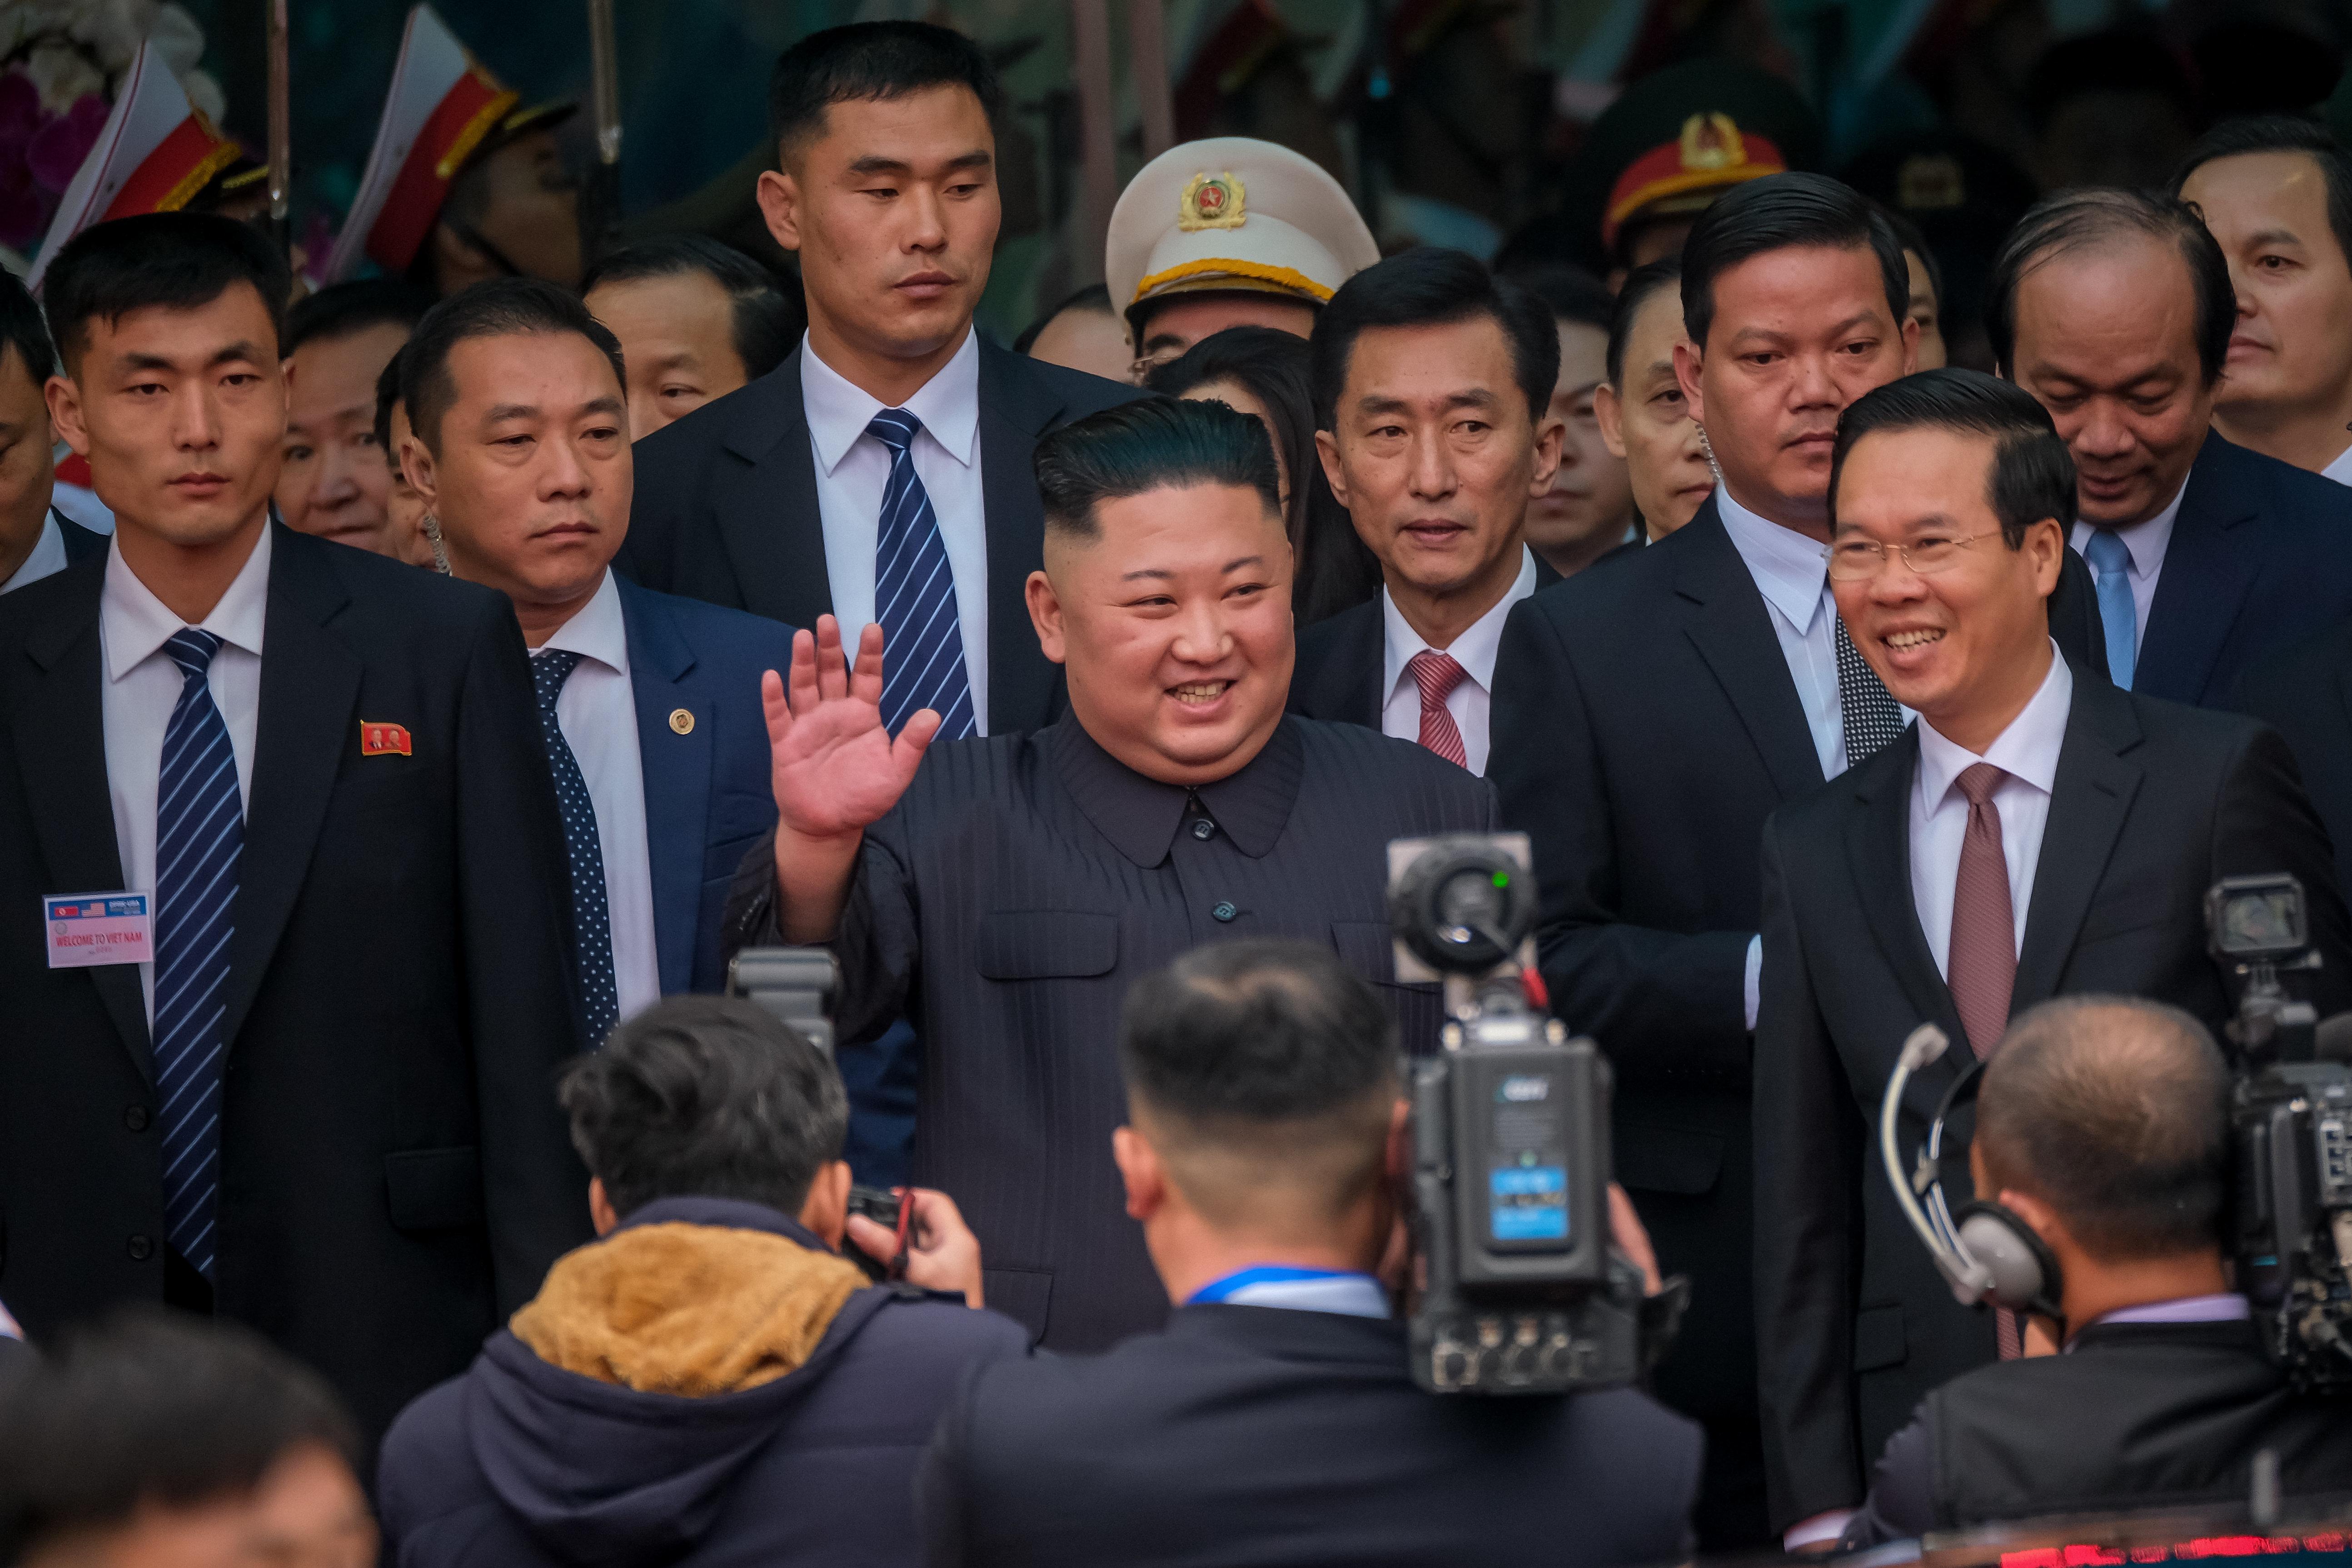 김정은이 베트남 삼성전자 공장 방문에 관심을 표했다고